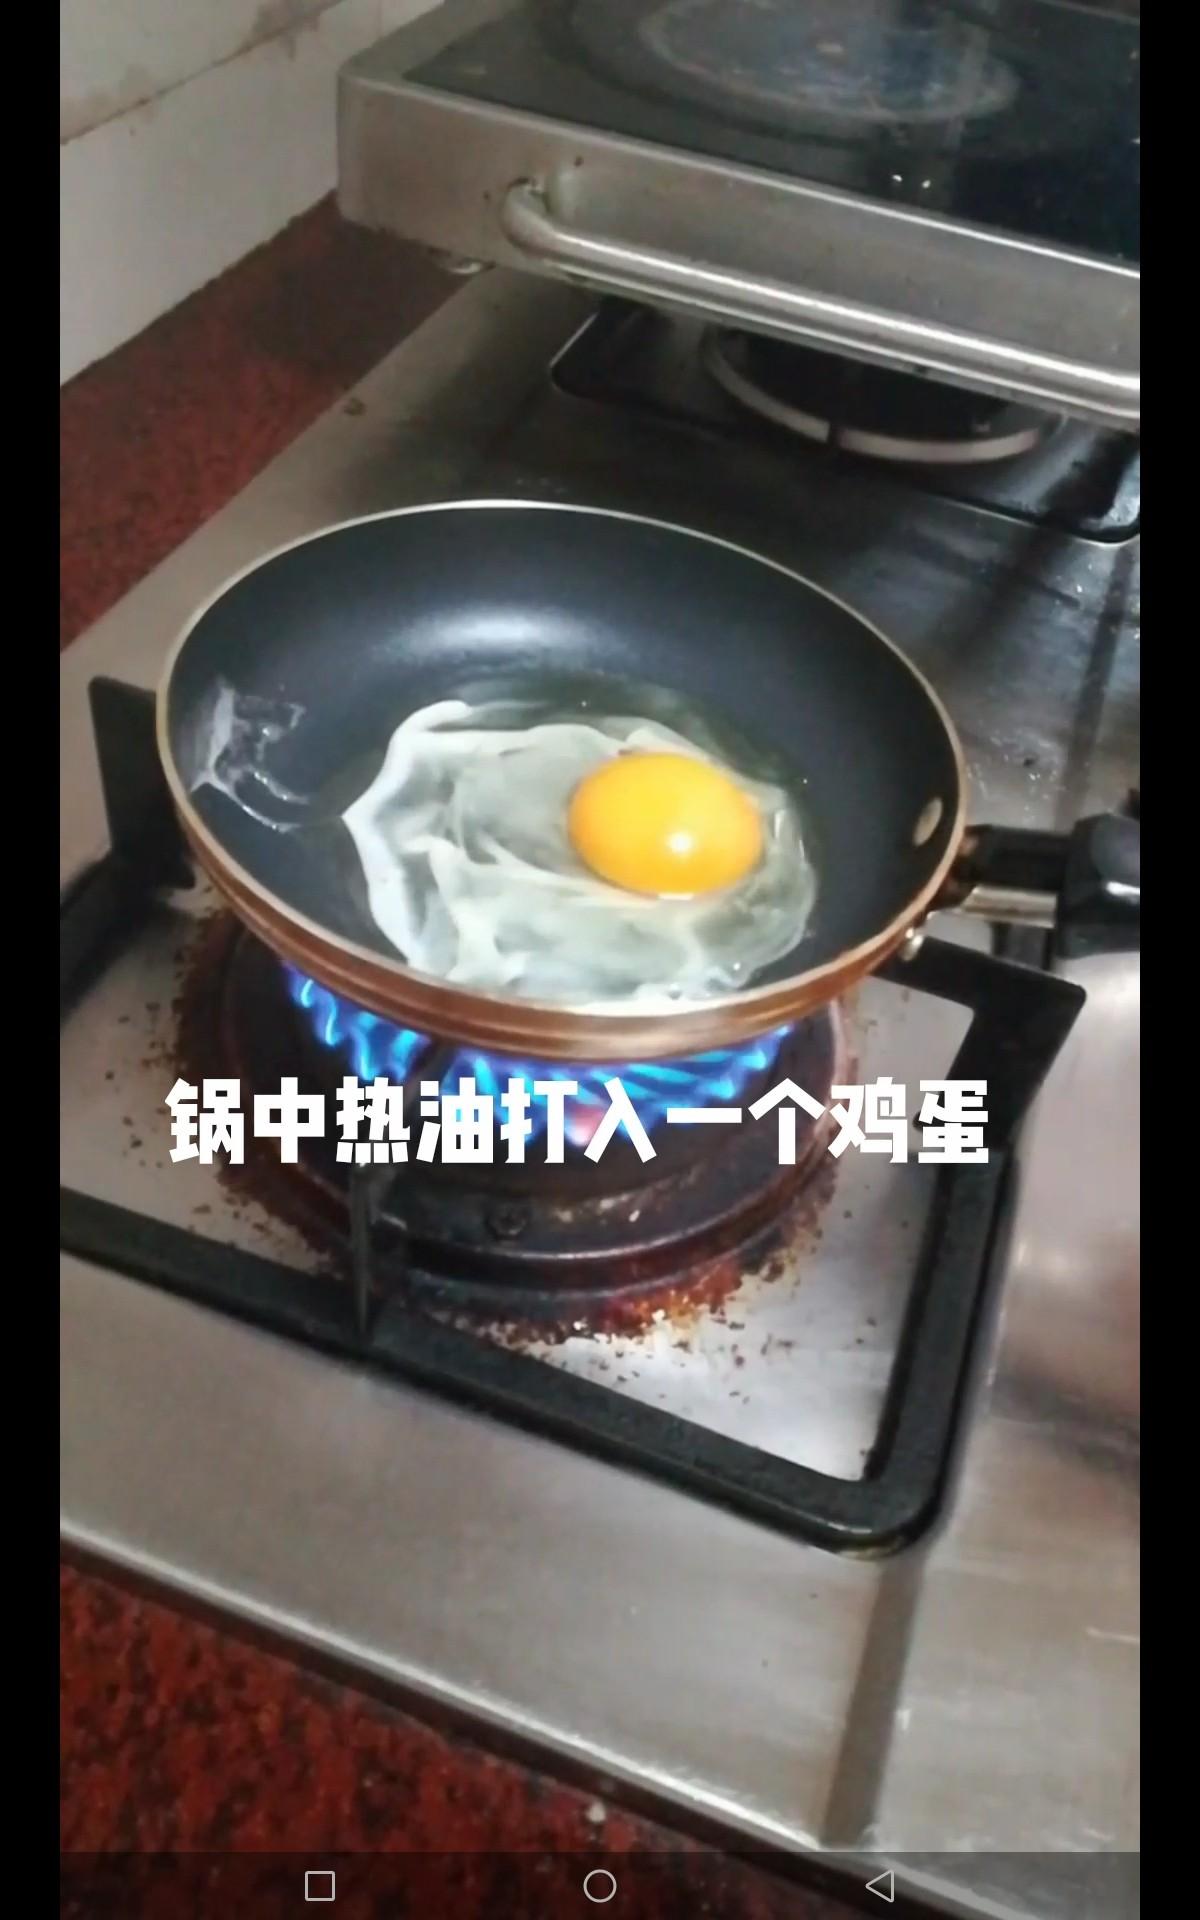 吐司夹火腿鸡蛋的做法图解